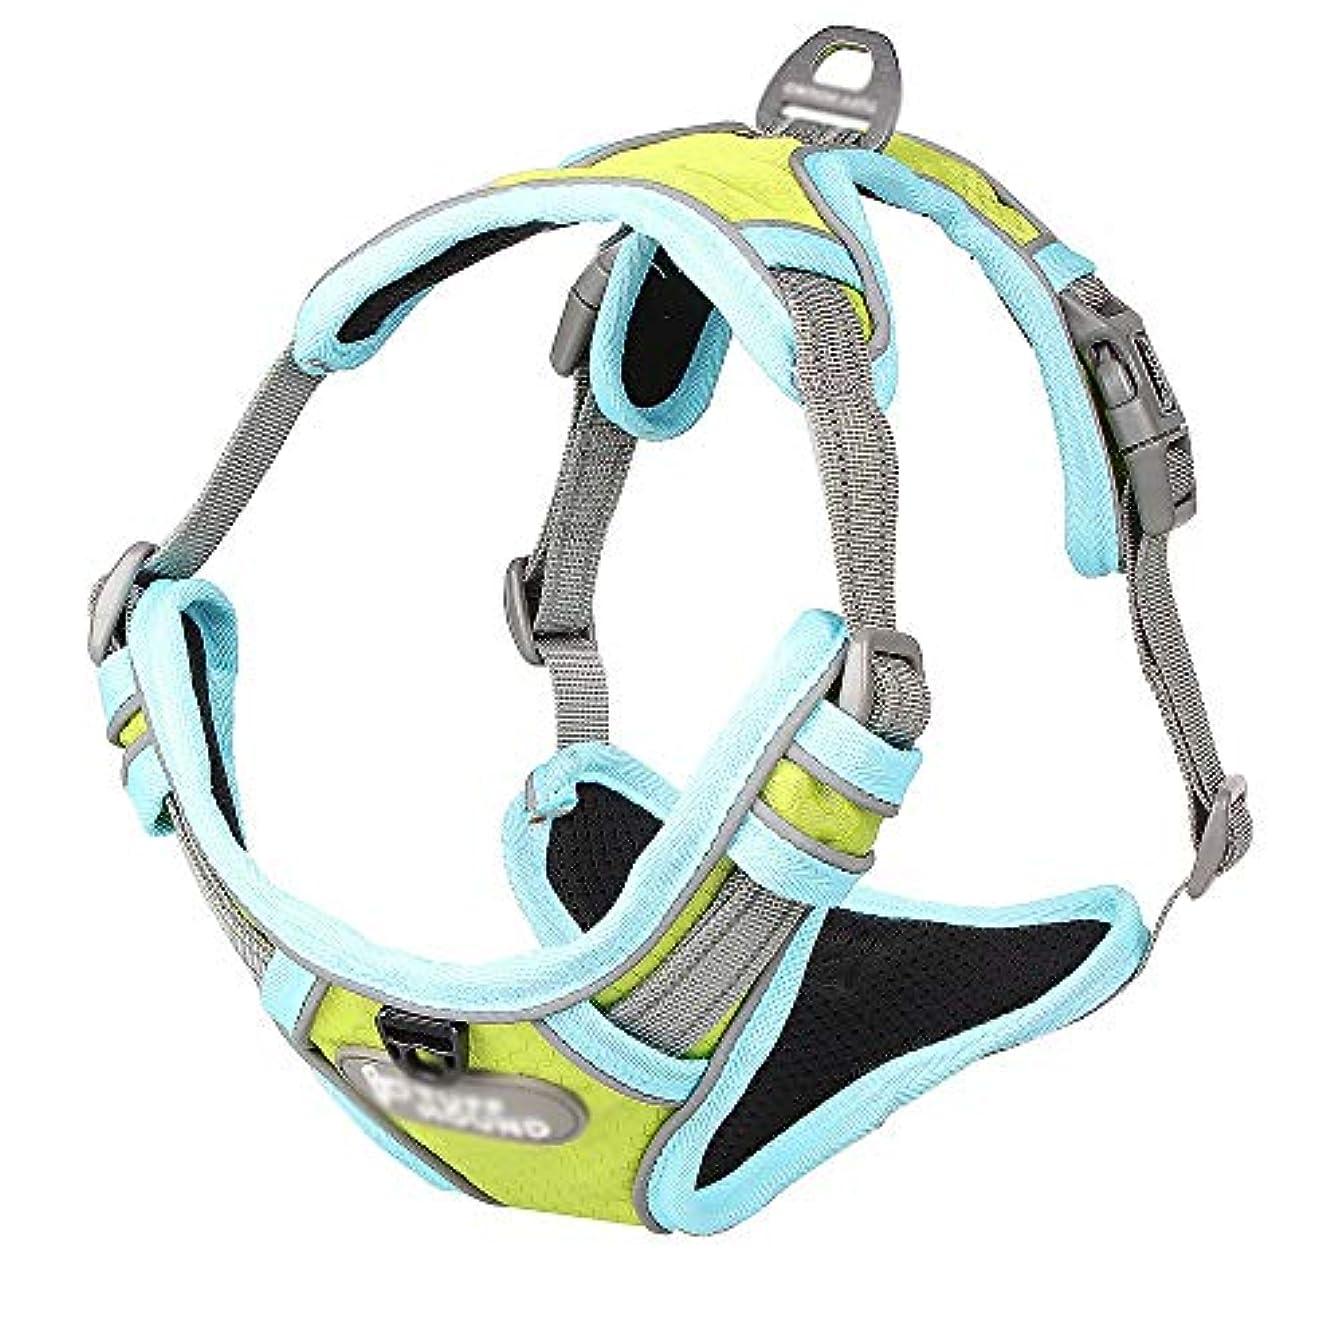 軍隊インポート下手Aikemi kasur 犬のハーネス通気性の調節可能なペット用ベスト、アウトドア用ハンドル付き しつけ 胴輪 引っ張り防止 (色 : Fluorescence)